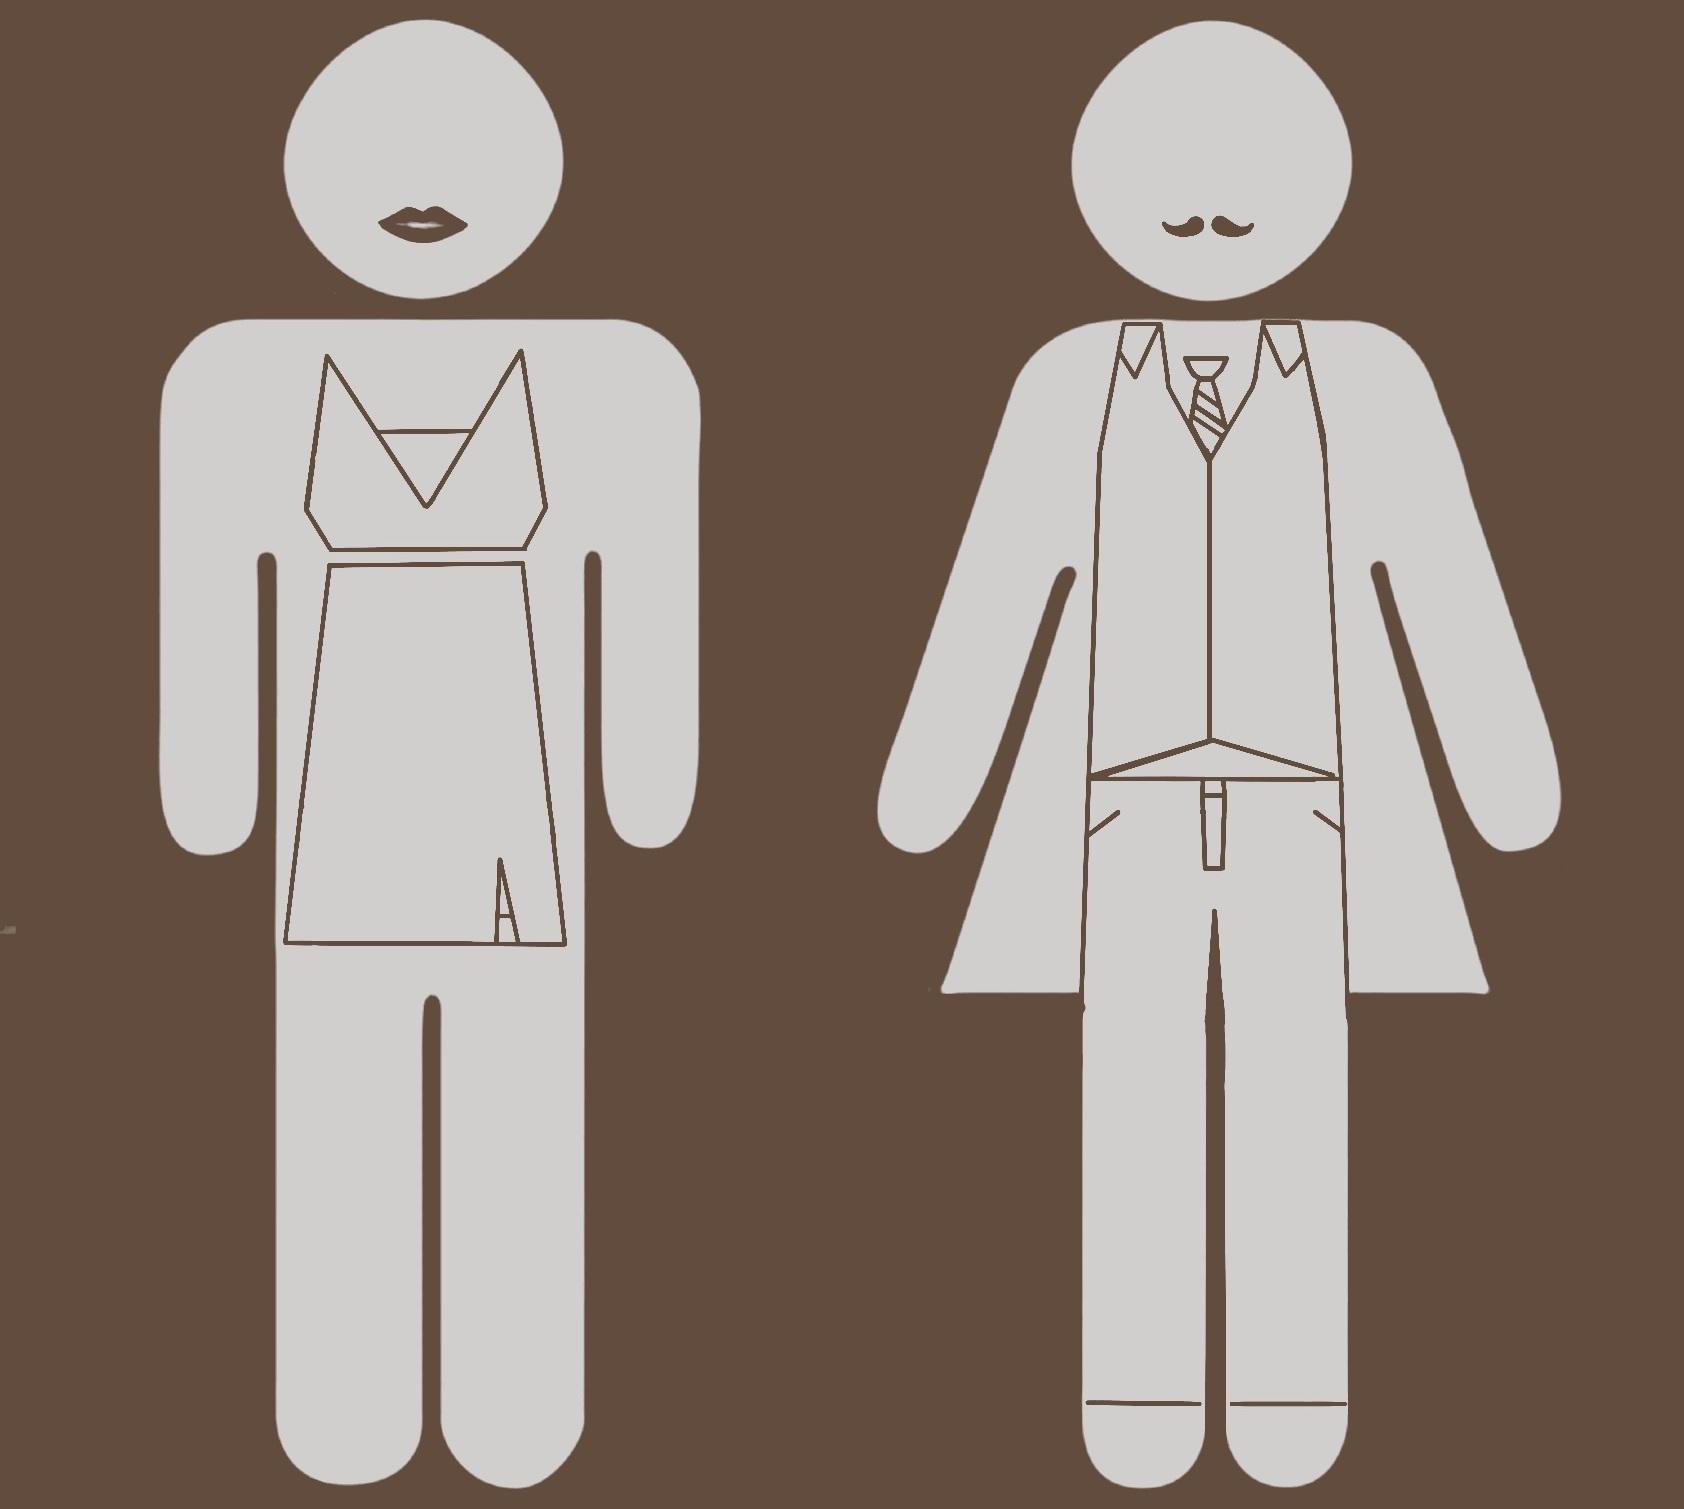 Toplumsal cinsiyet ve biyolojik cinsiyetin toplum tarafından yanlış etiketlenmiş bilimsel gerçeklikleri